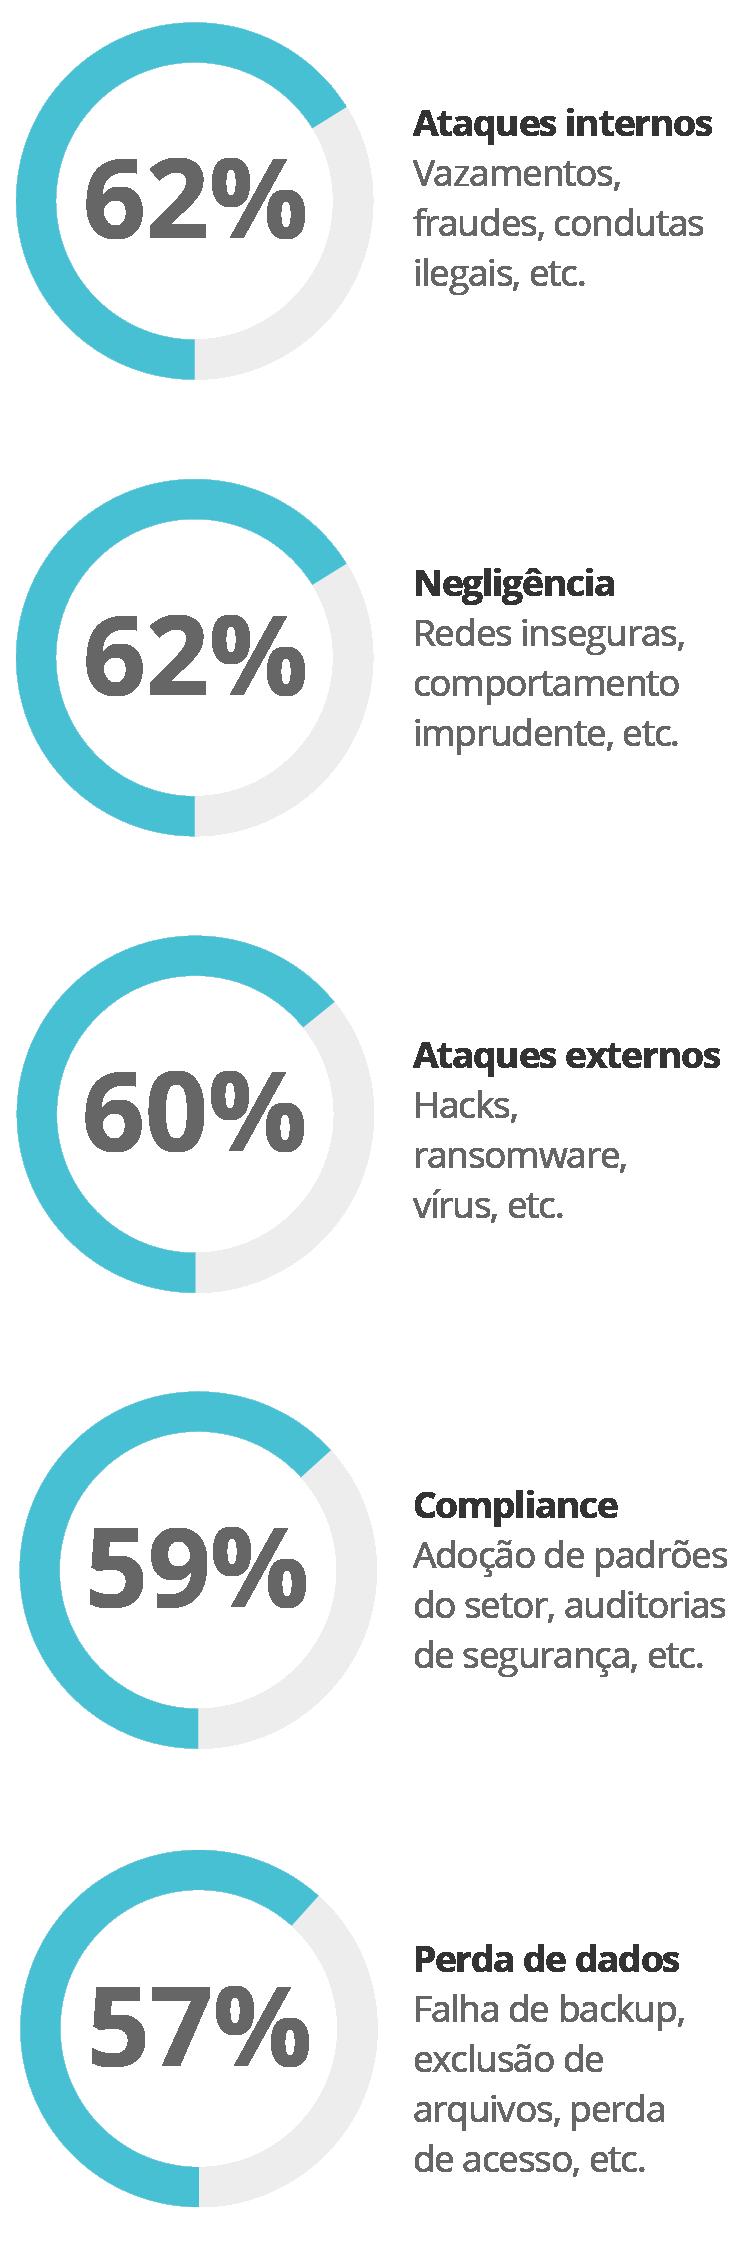 Diagrama - Principais preocupações com segurança de dados de CIOs/líderes de TI